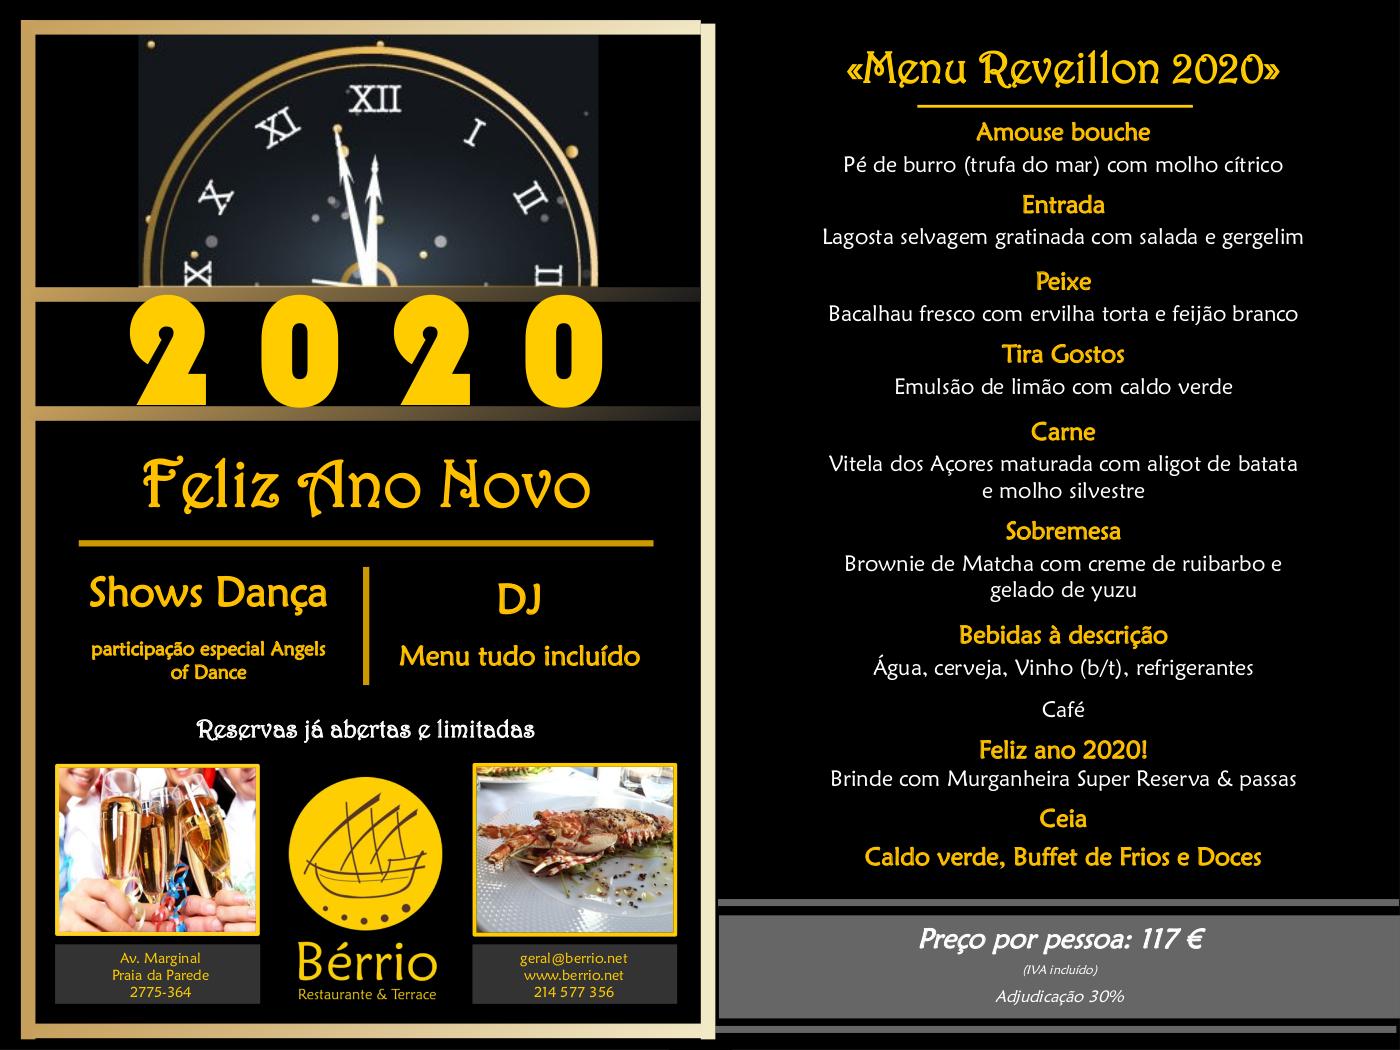 Reveillon 2020_A3